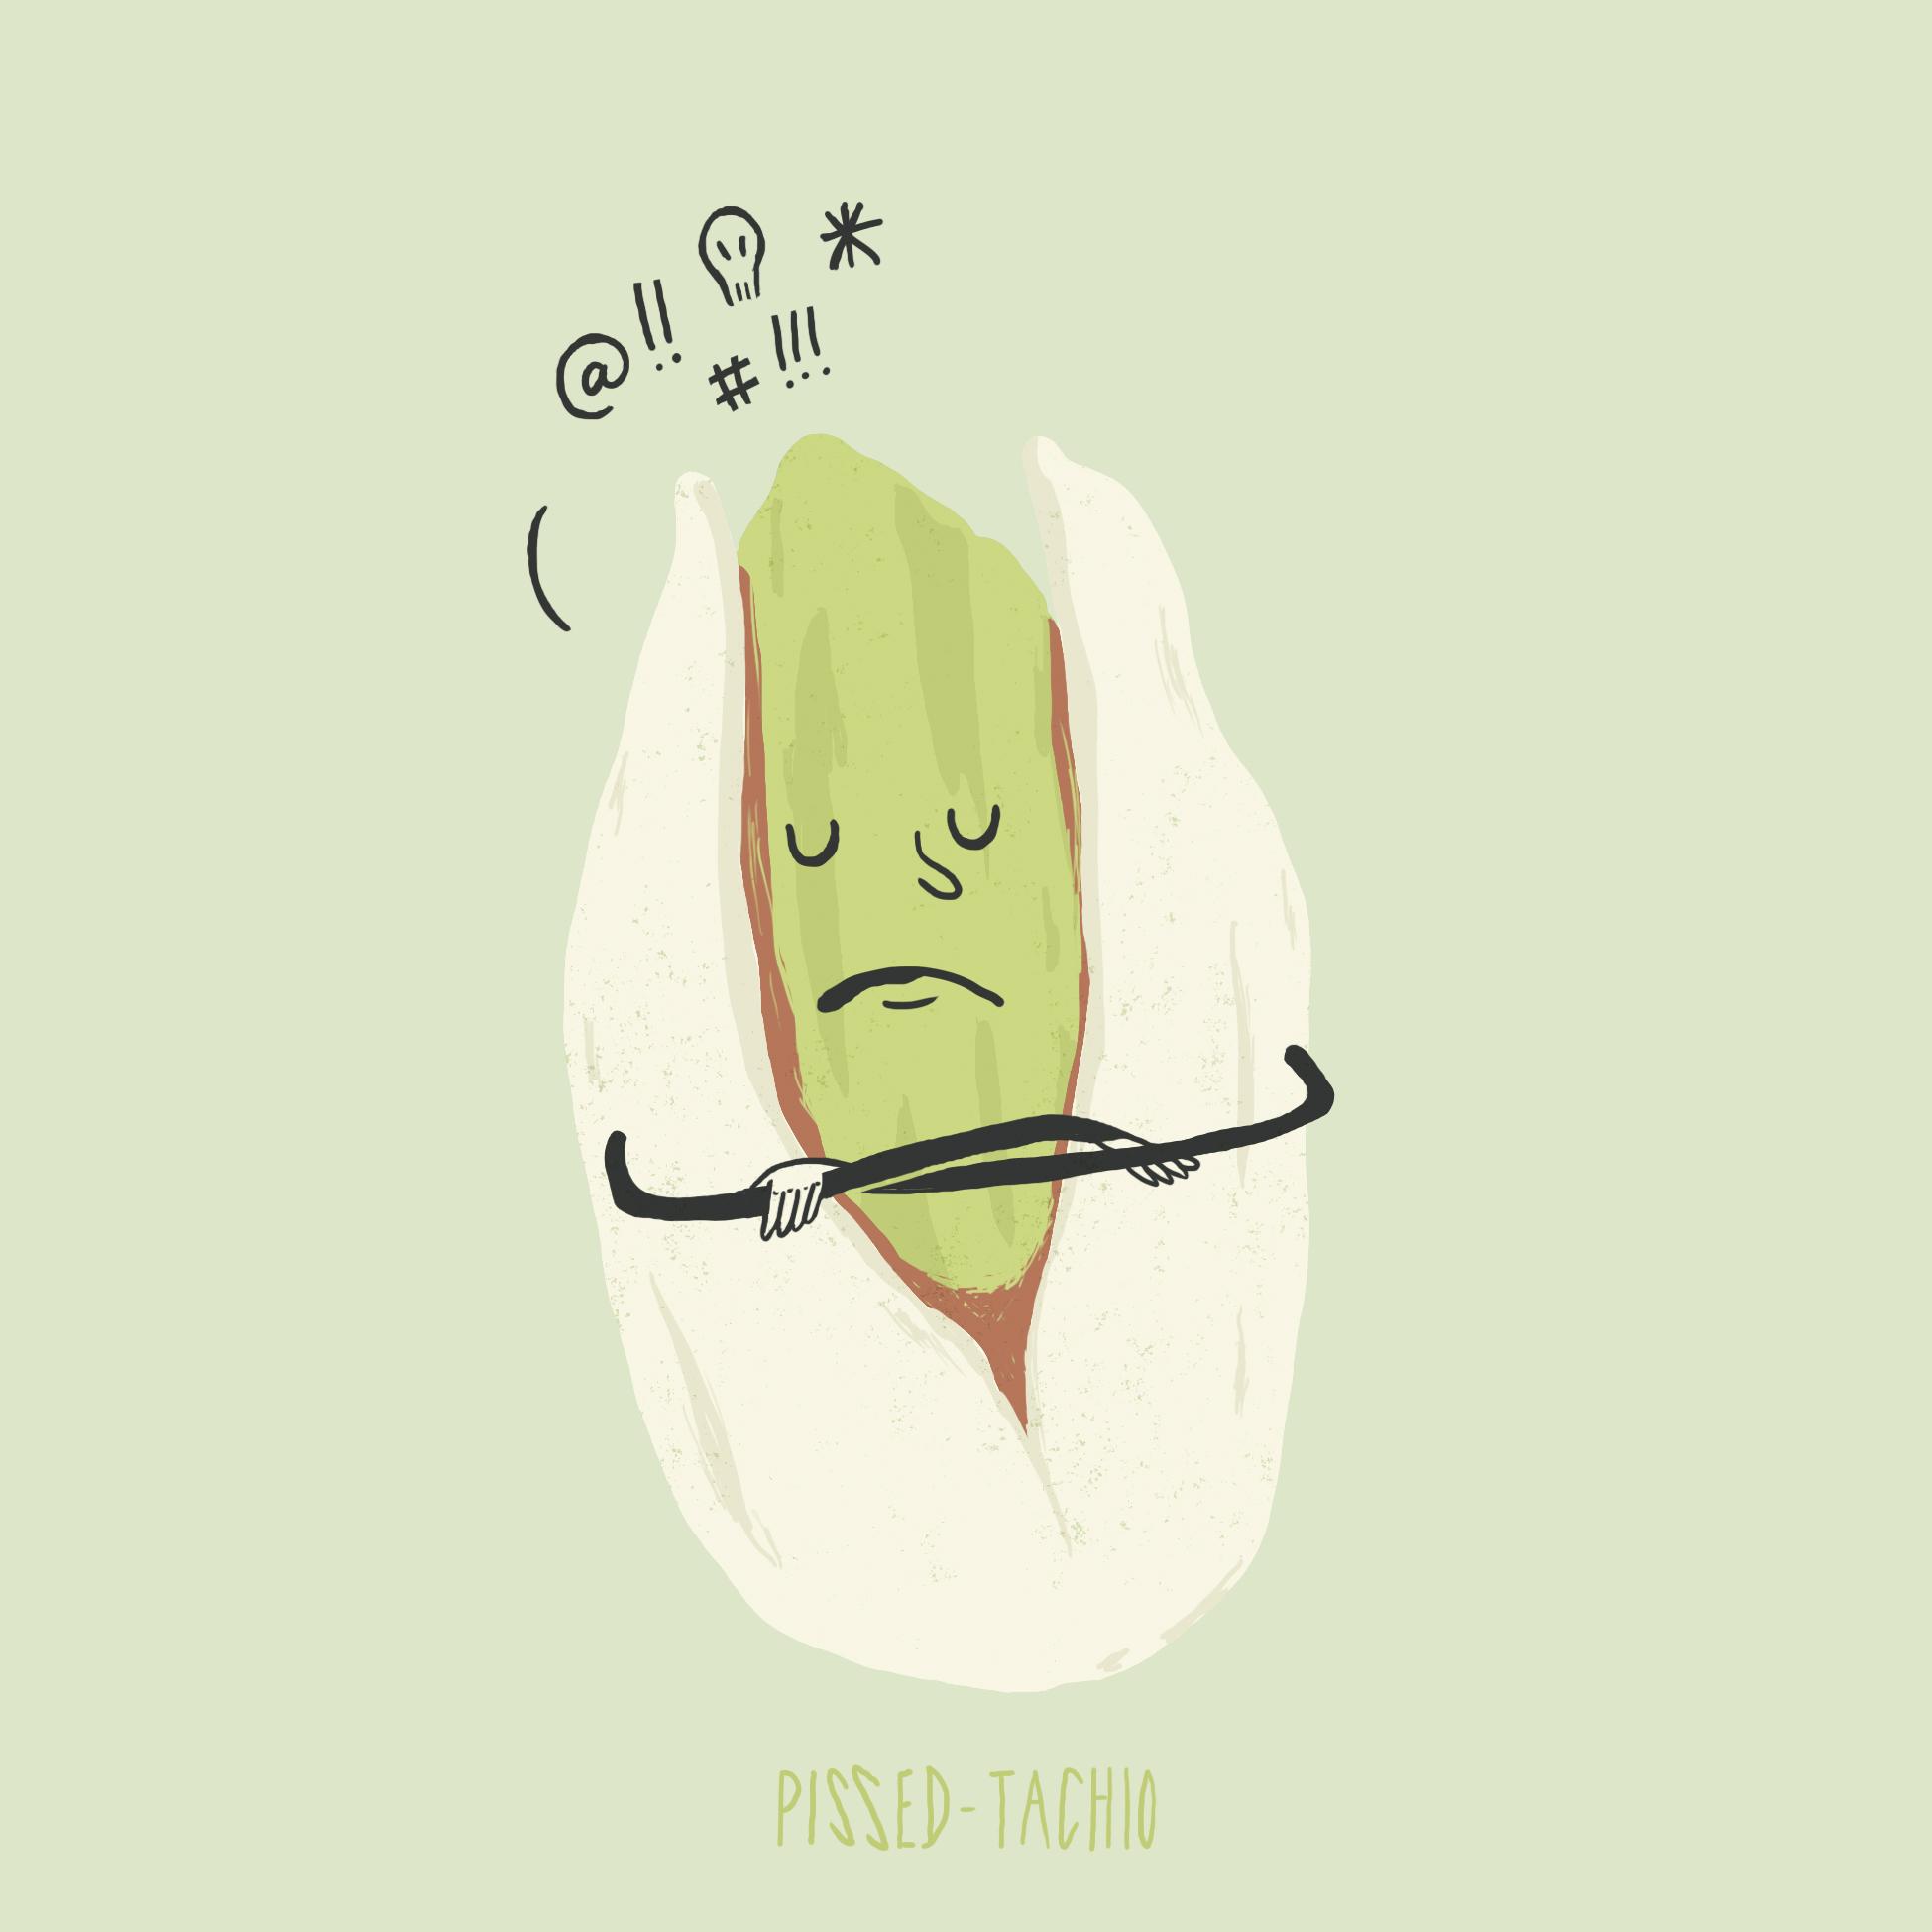 Pissed-tachio